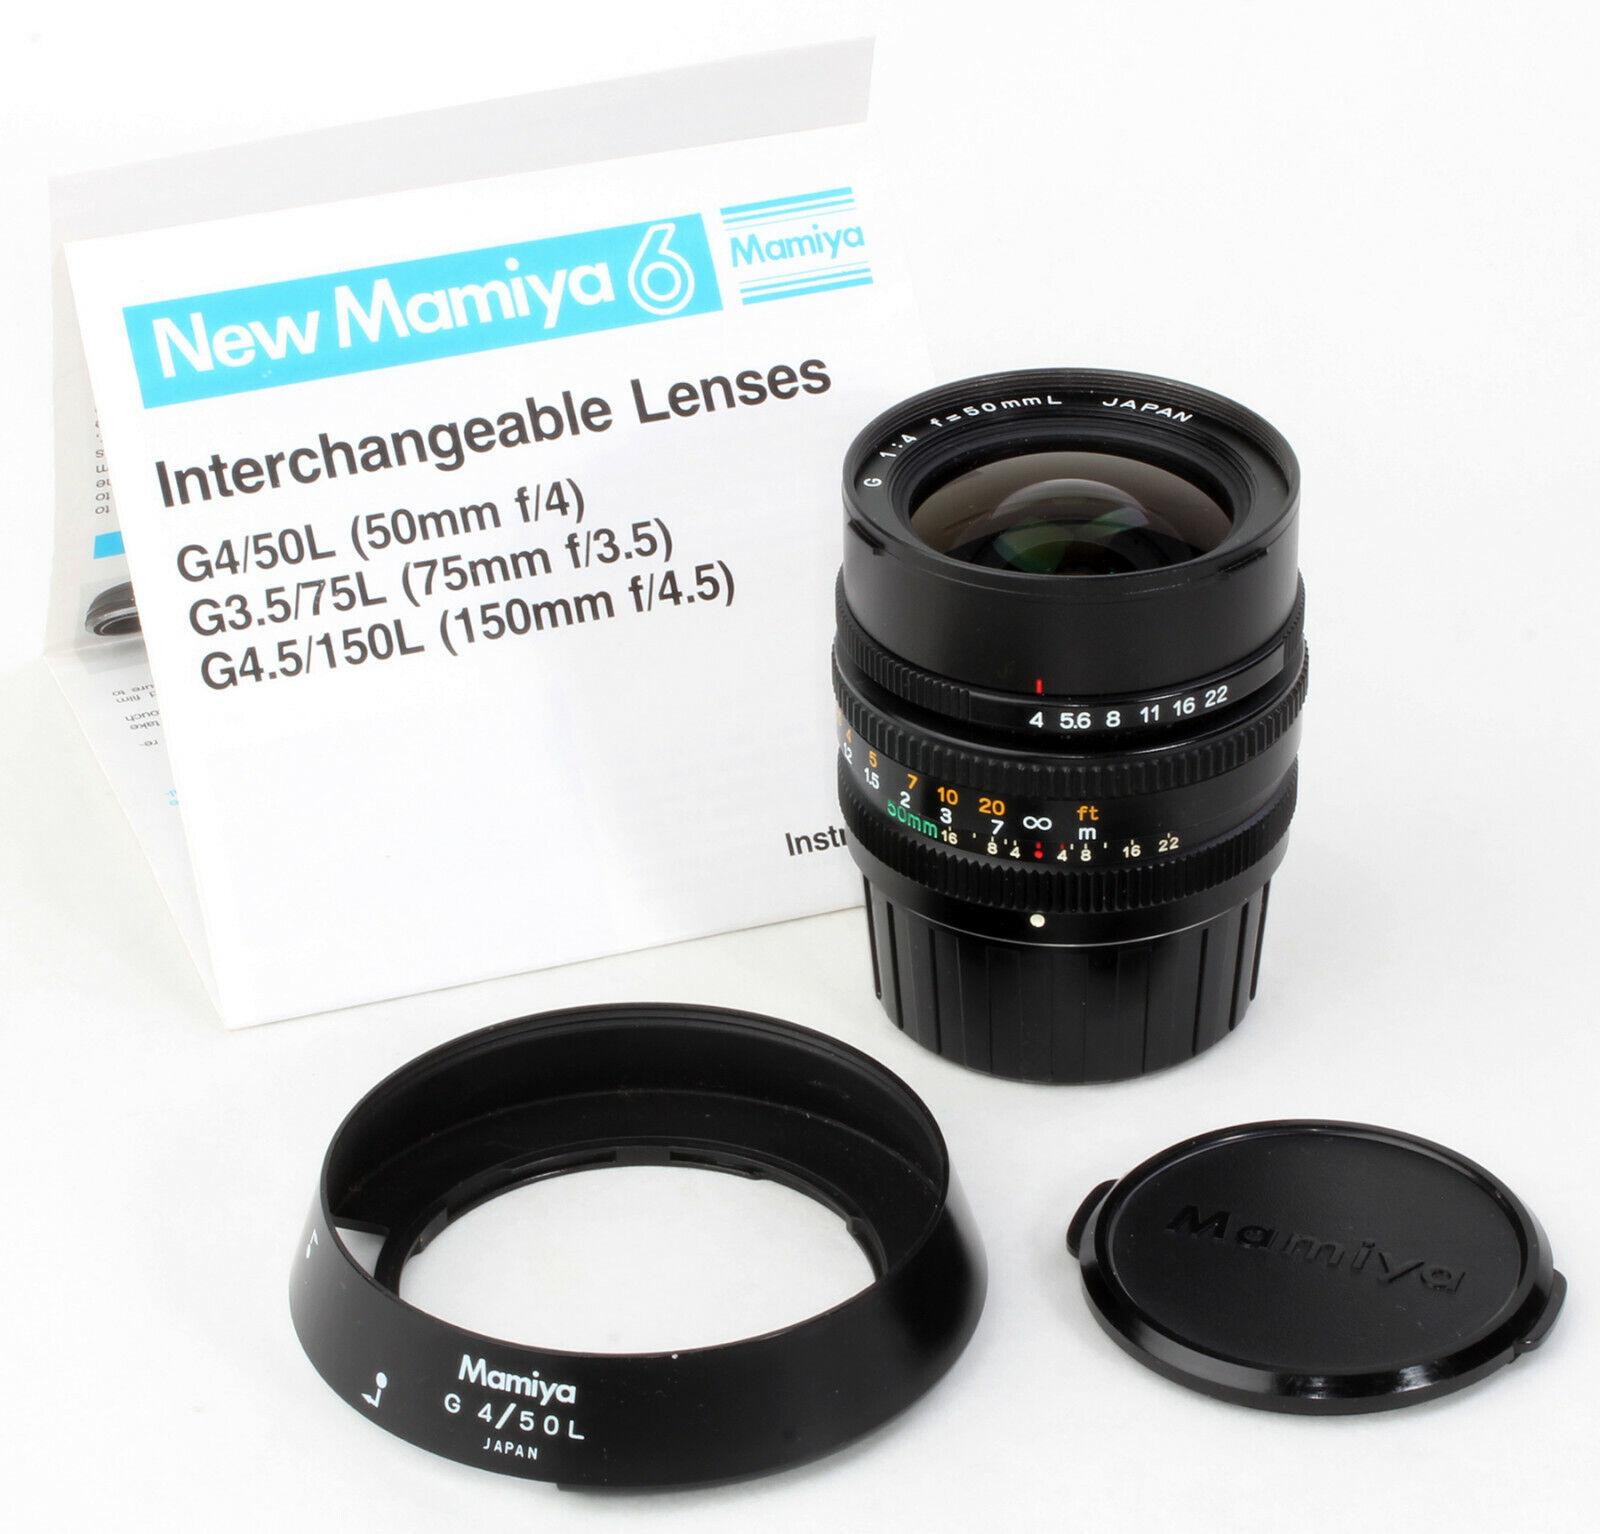 Outlet-Verkauf UK online For Mamiya 6 MF: Mamiya G 1:4 f=50mm L ...